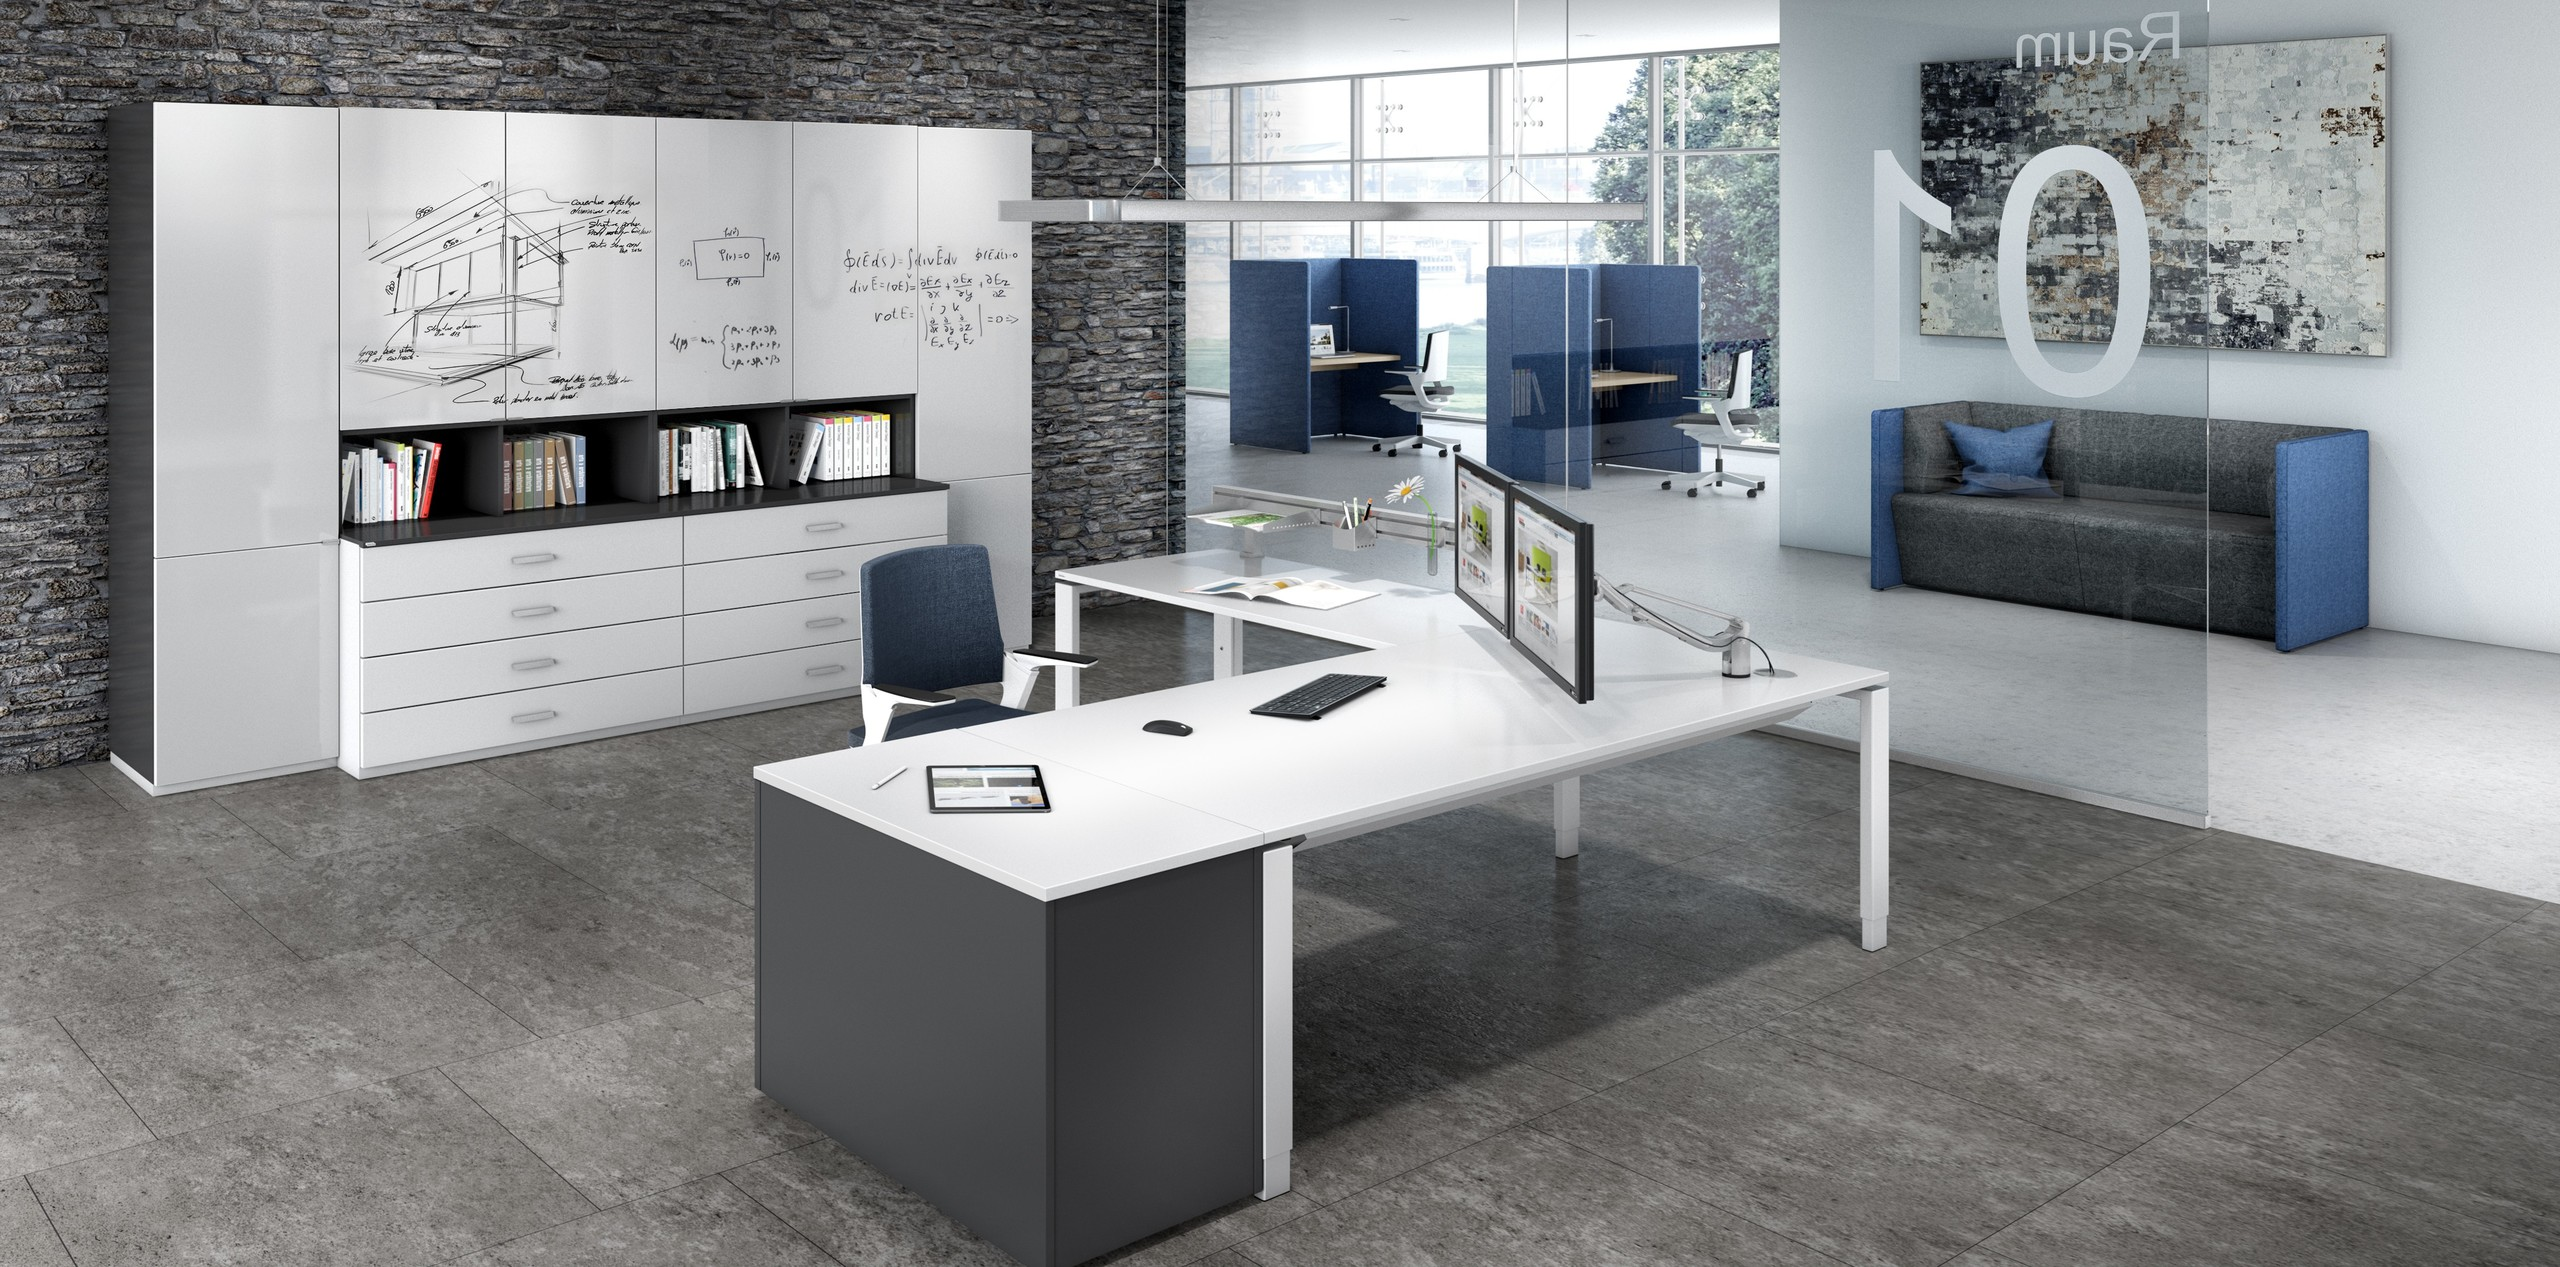 Büroeinrichtung Mit Assmann Inside Business